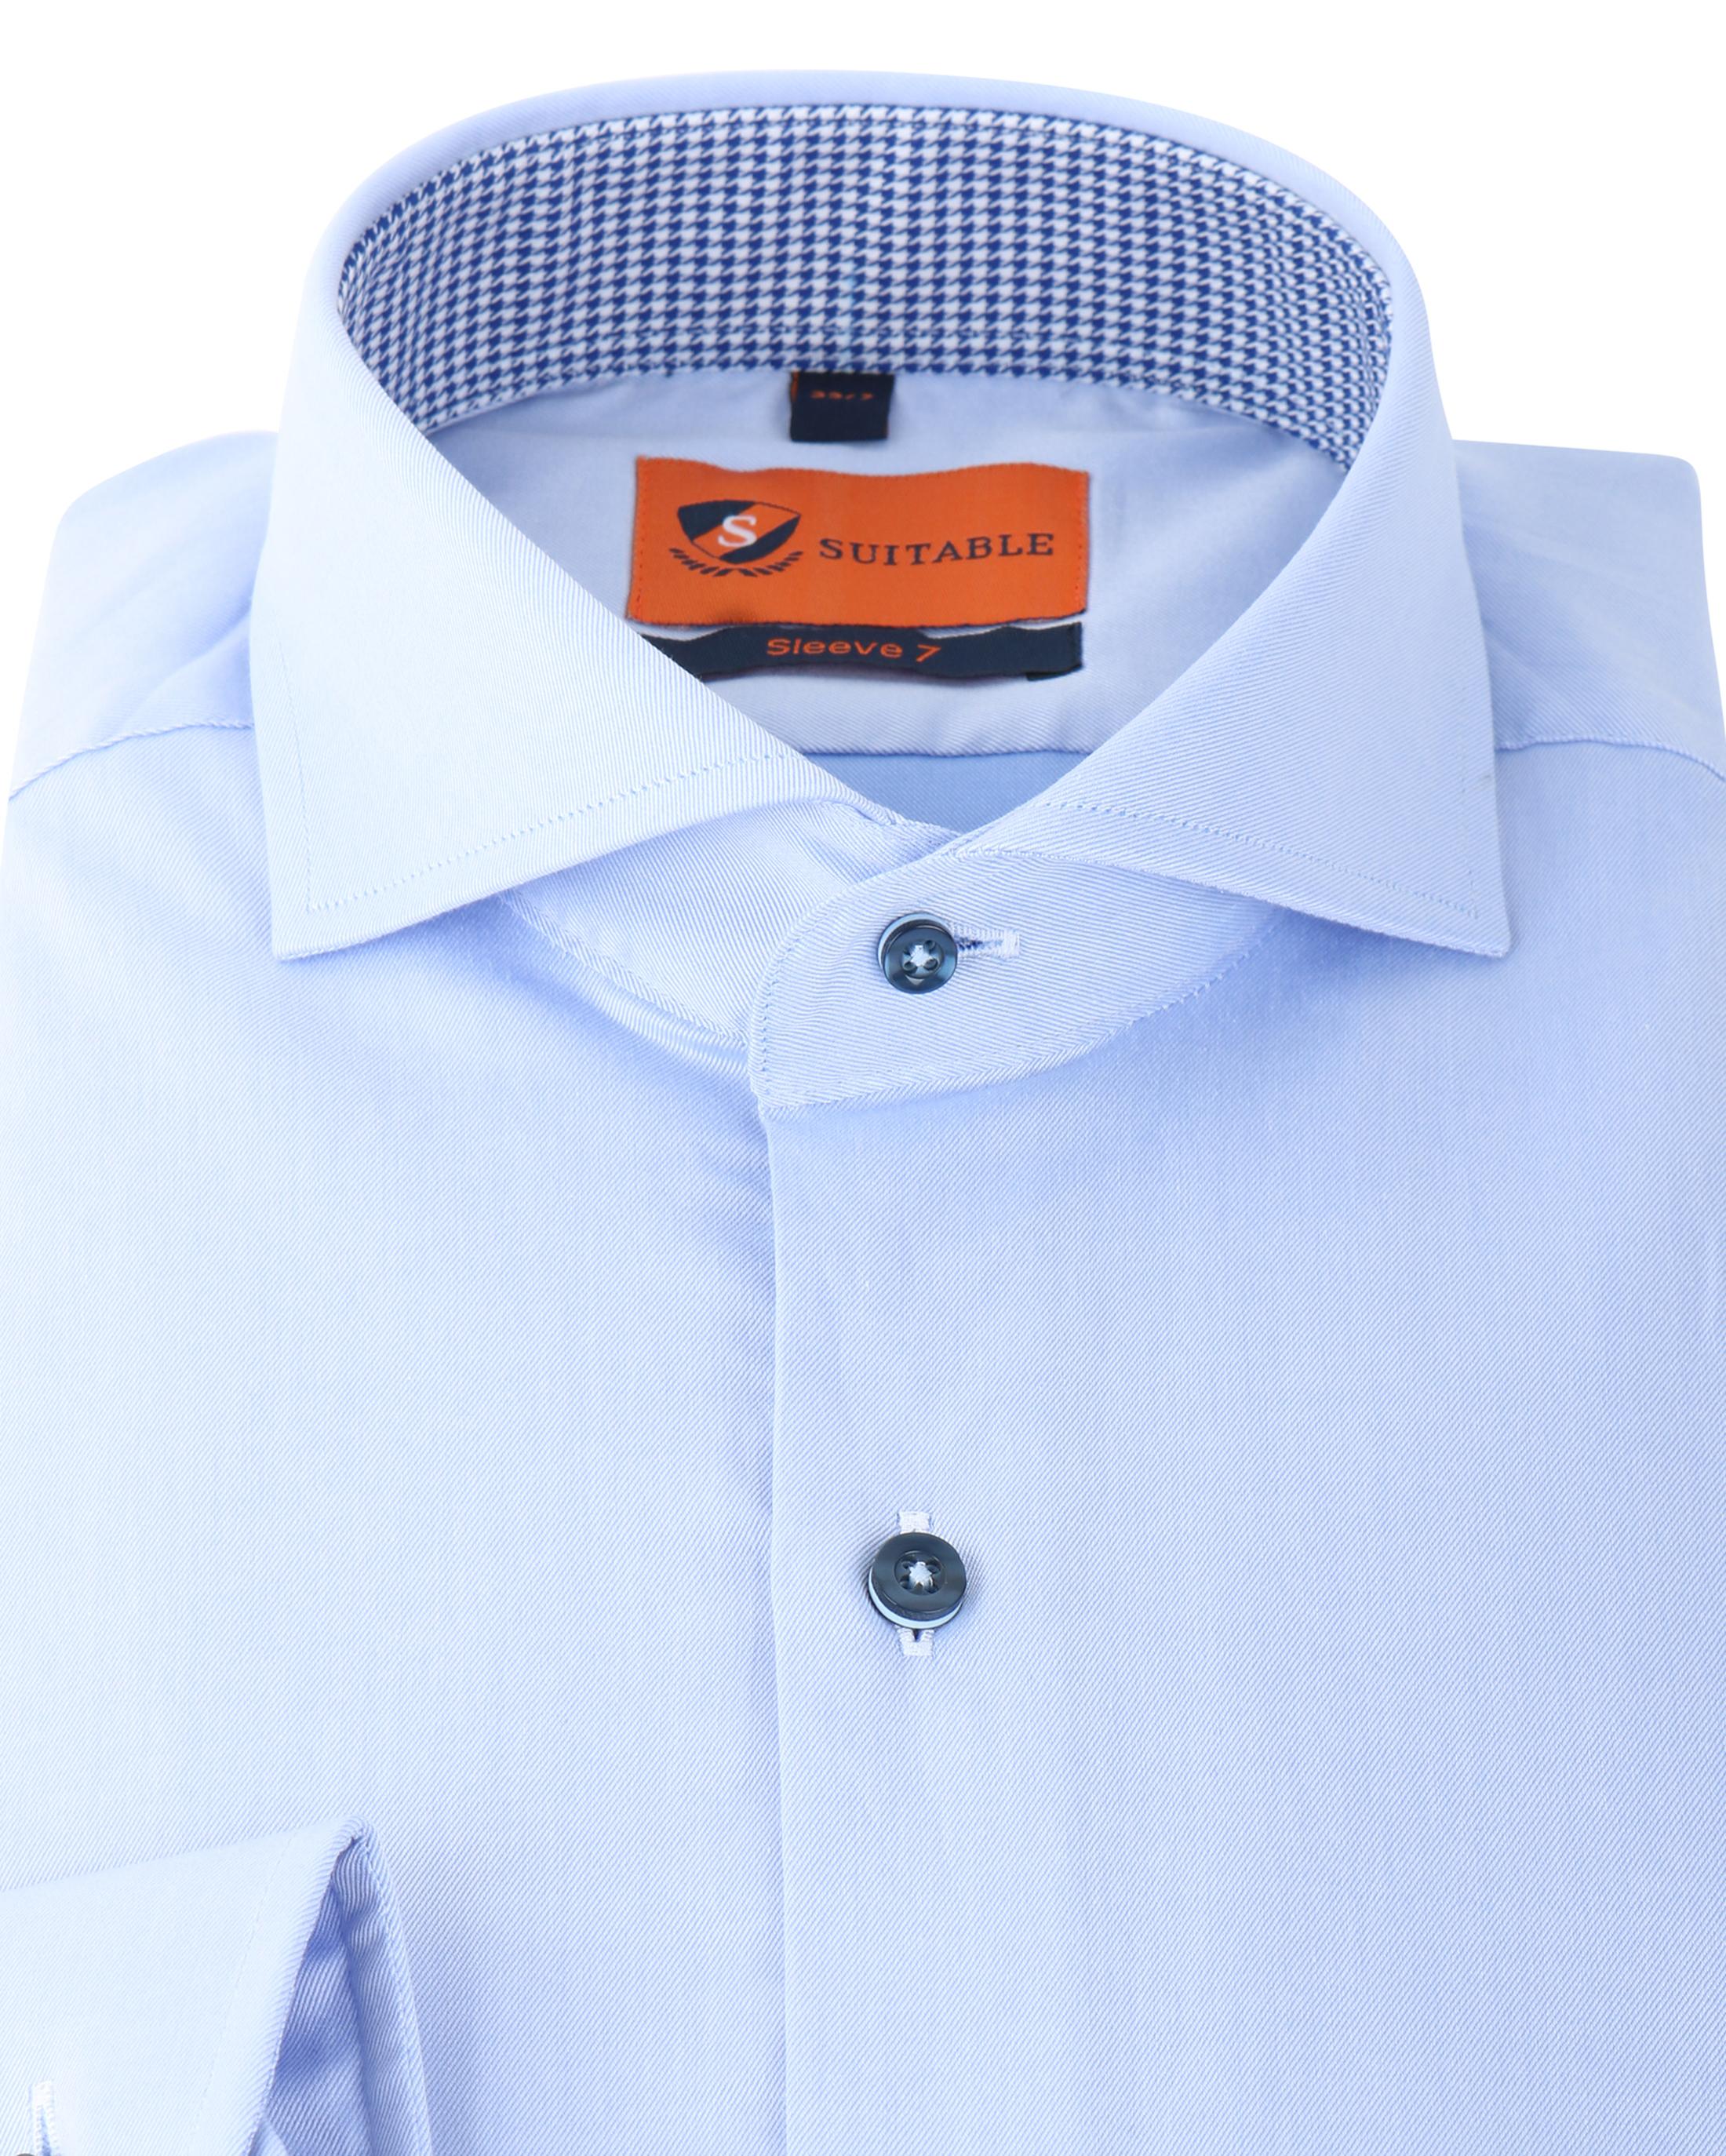 Suitable Overhemd SL7 Blauw 140-2 foto 1